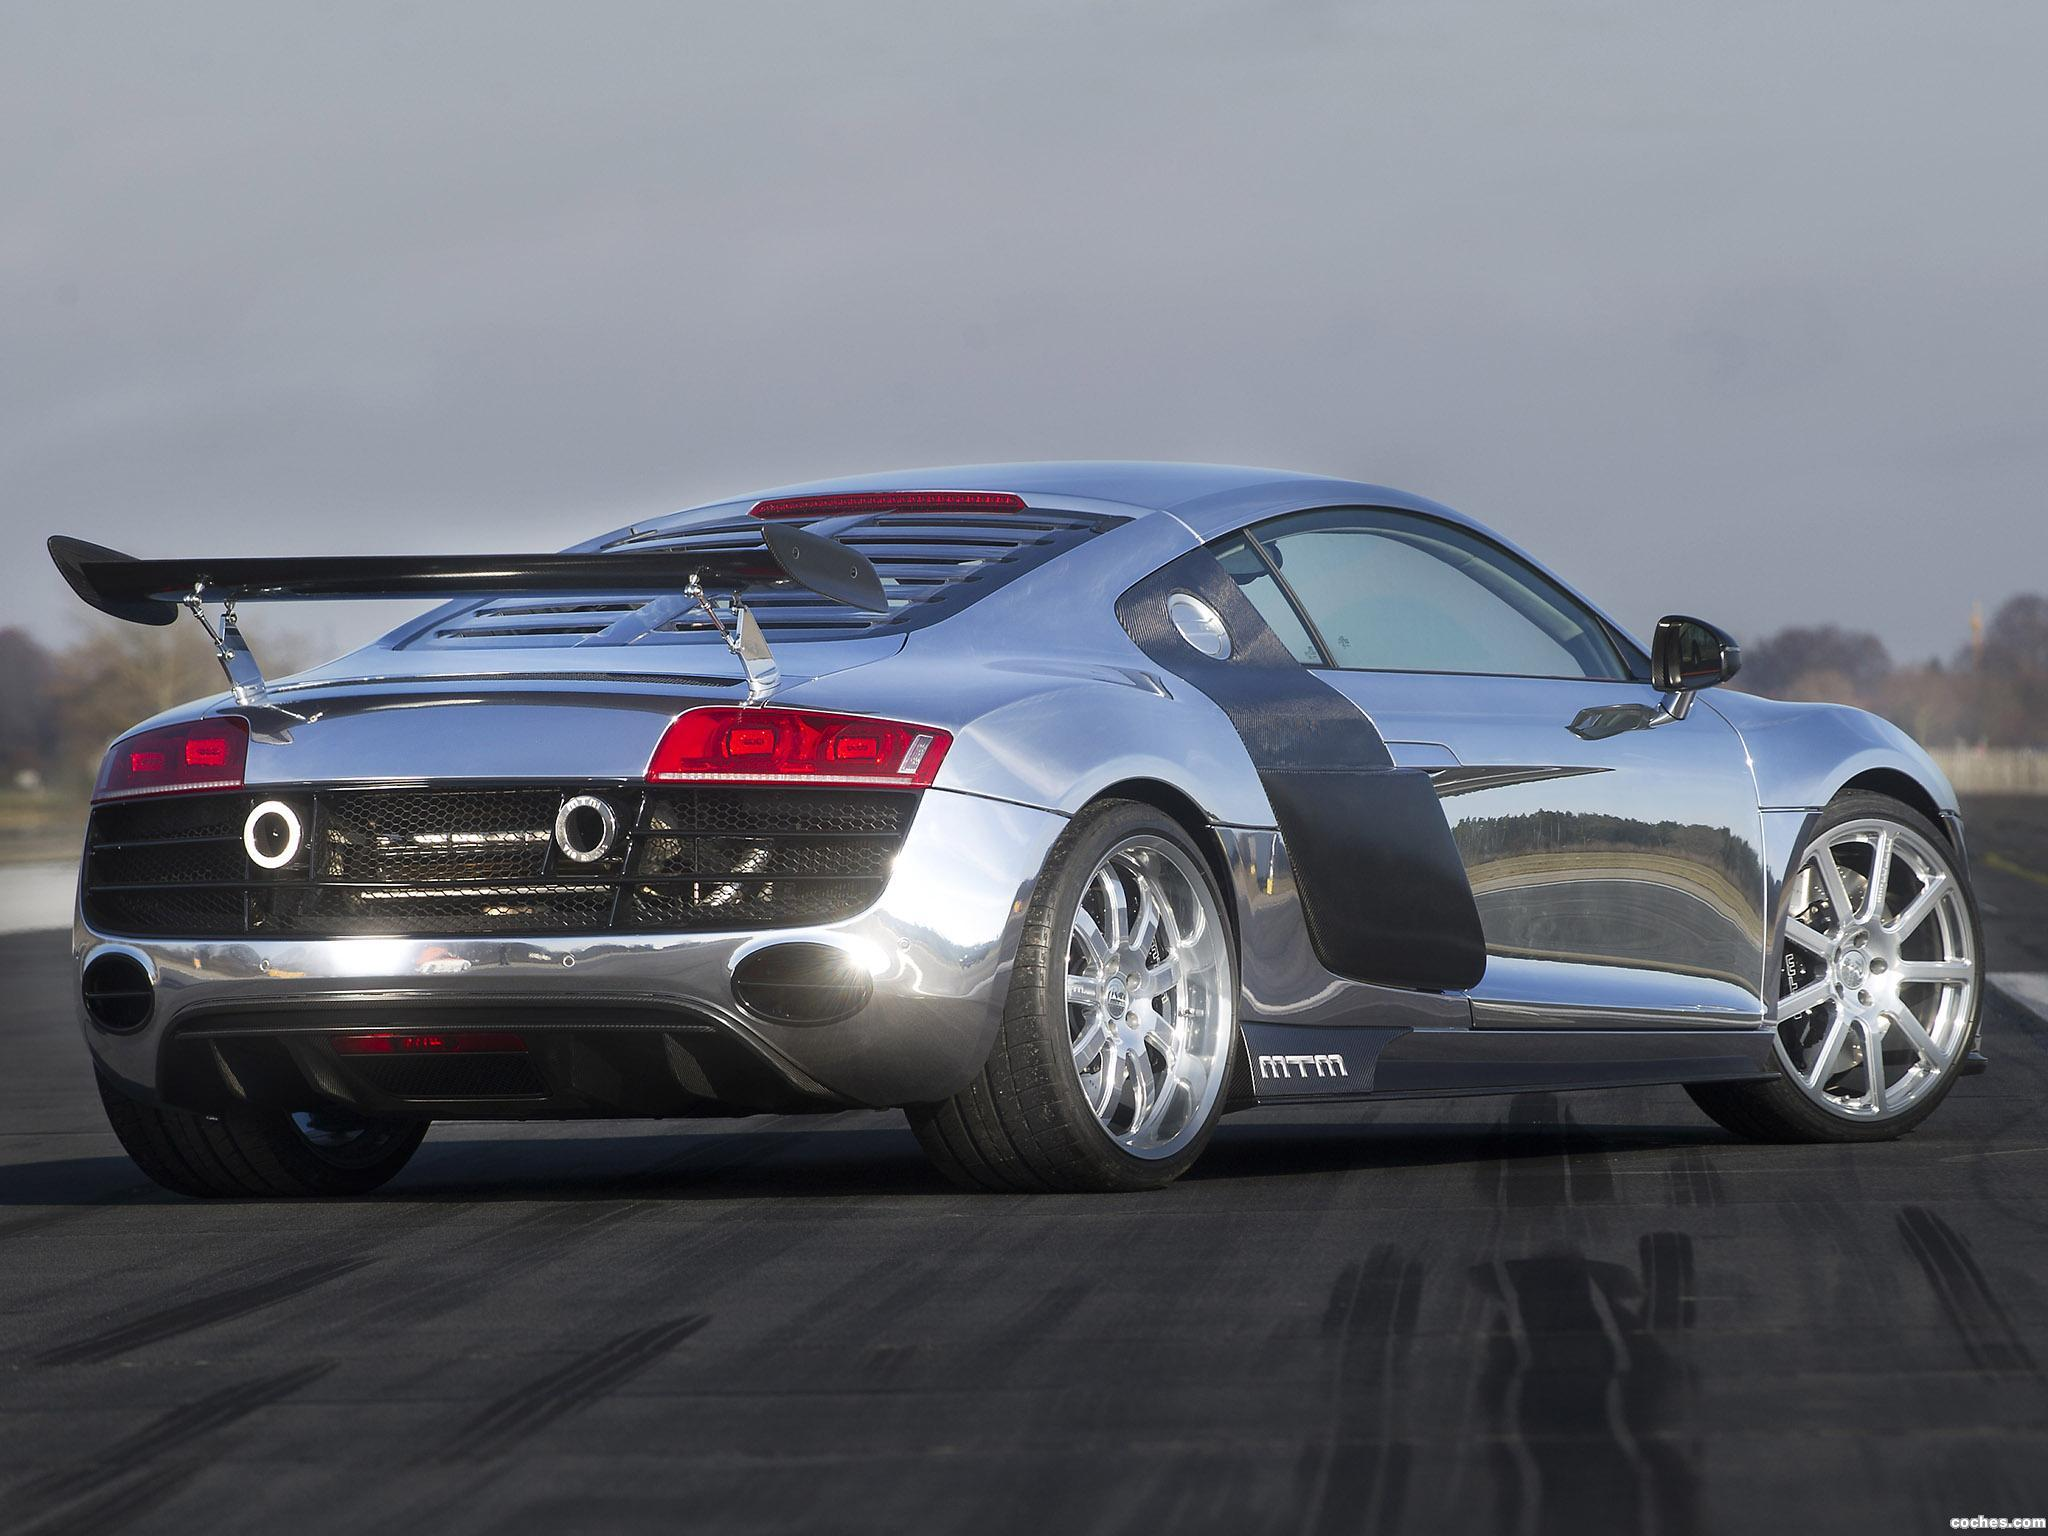 Foto 5 de Audi R8 V10 Biturbo 2011 mtm